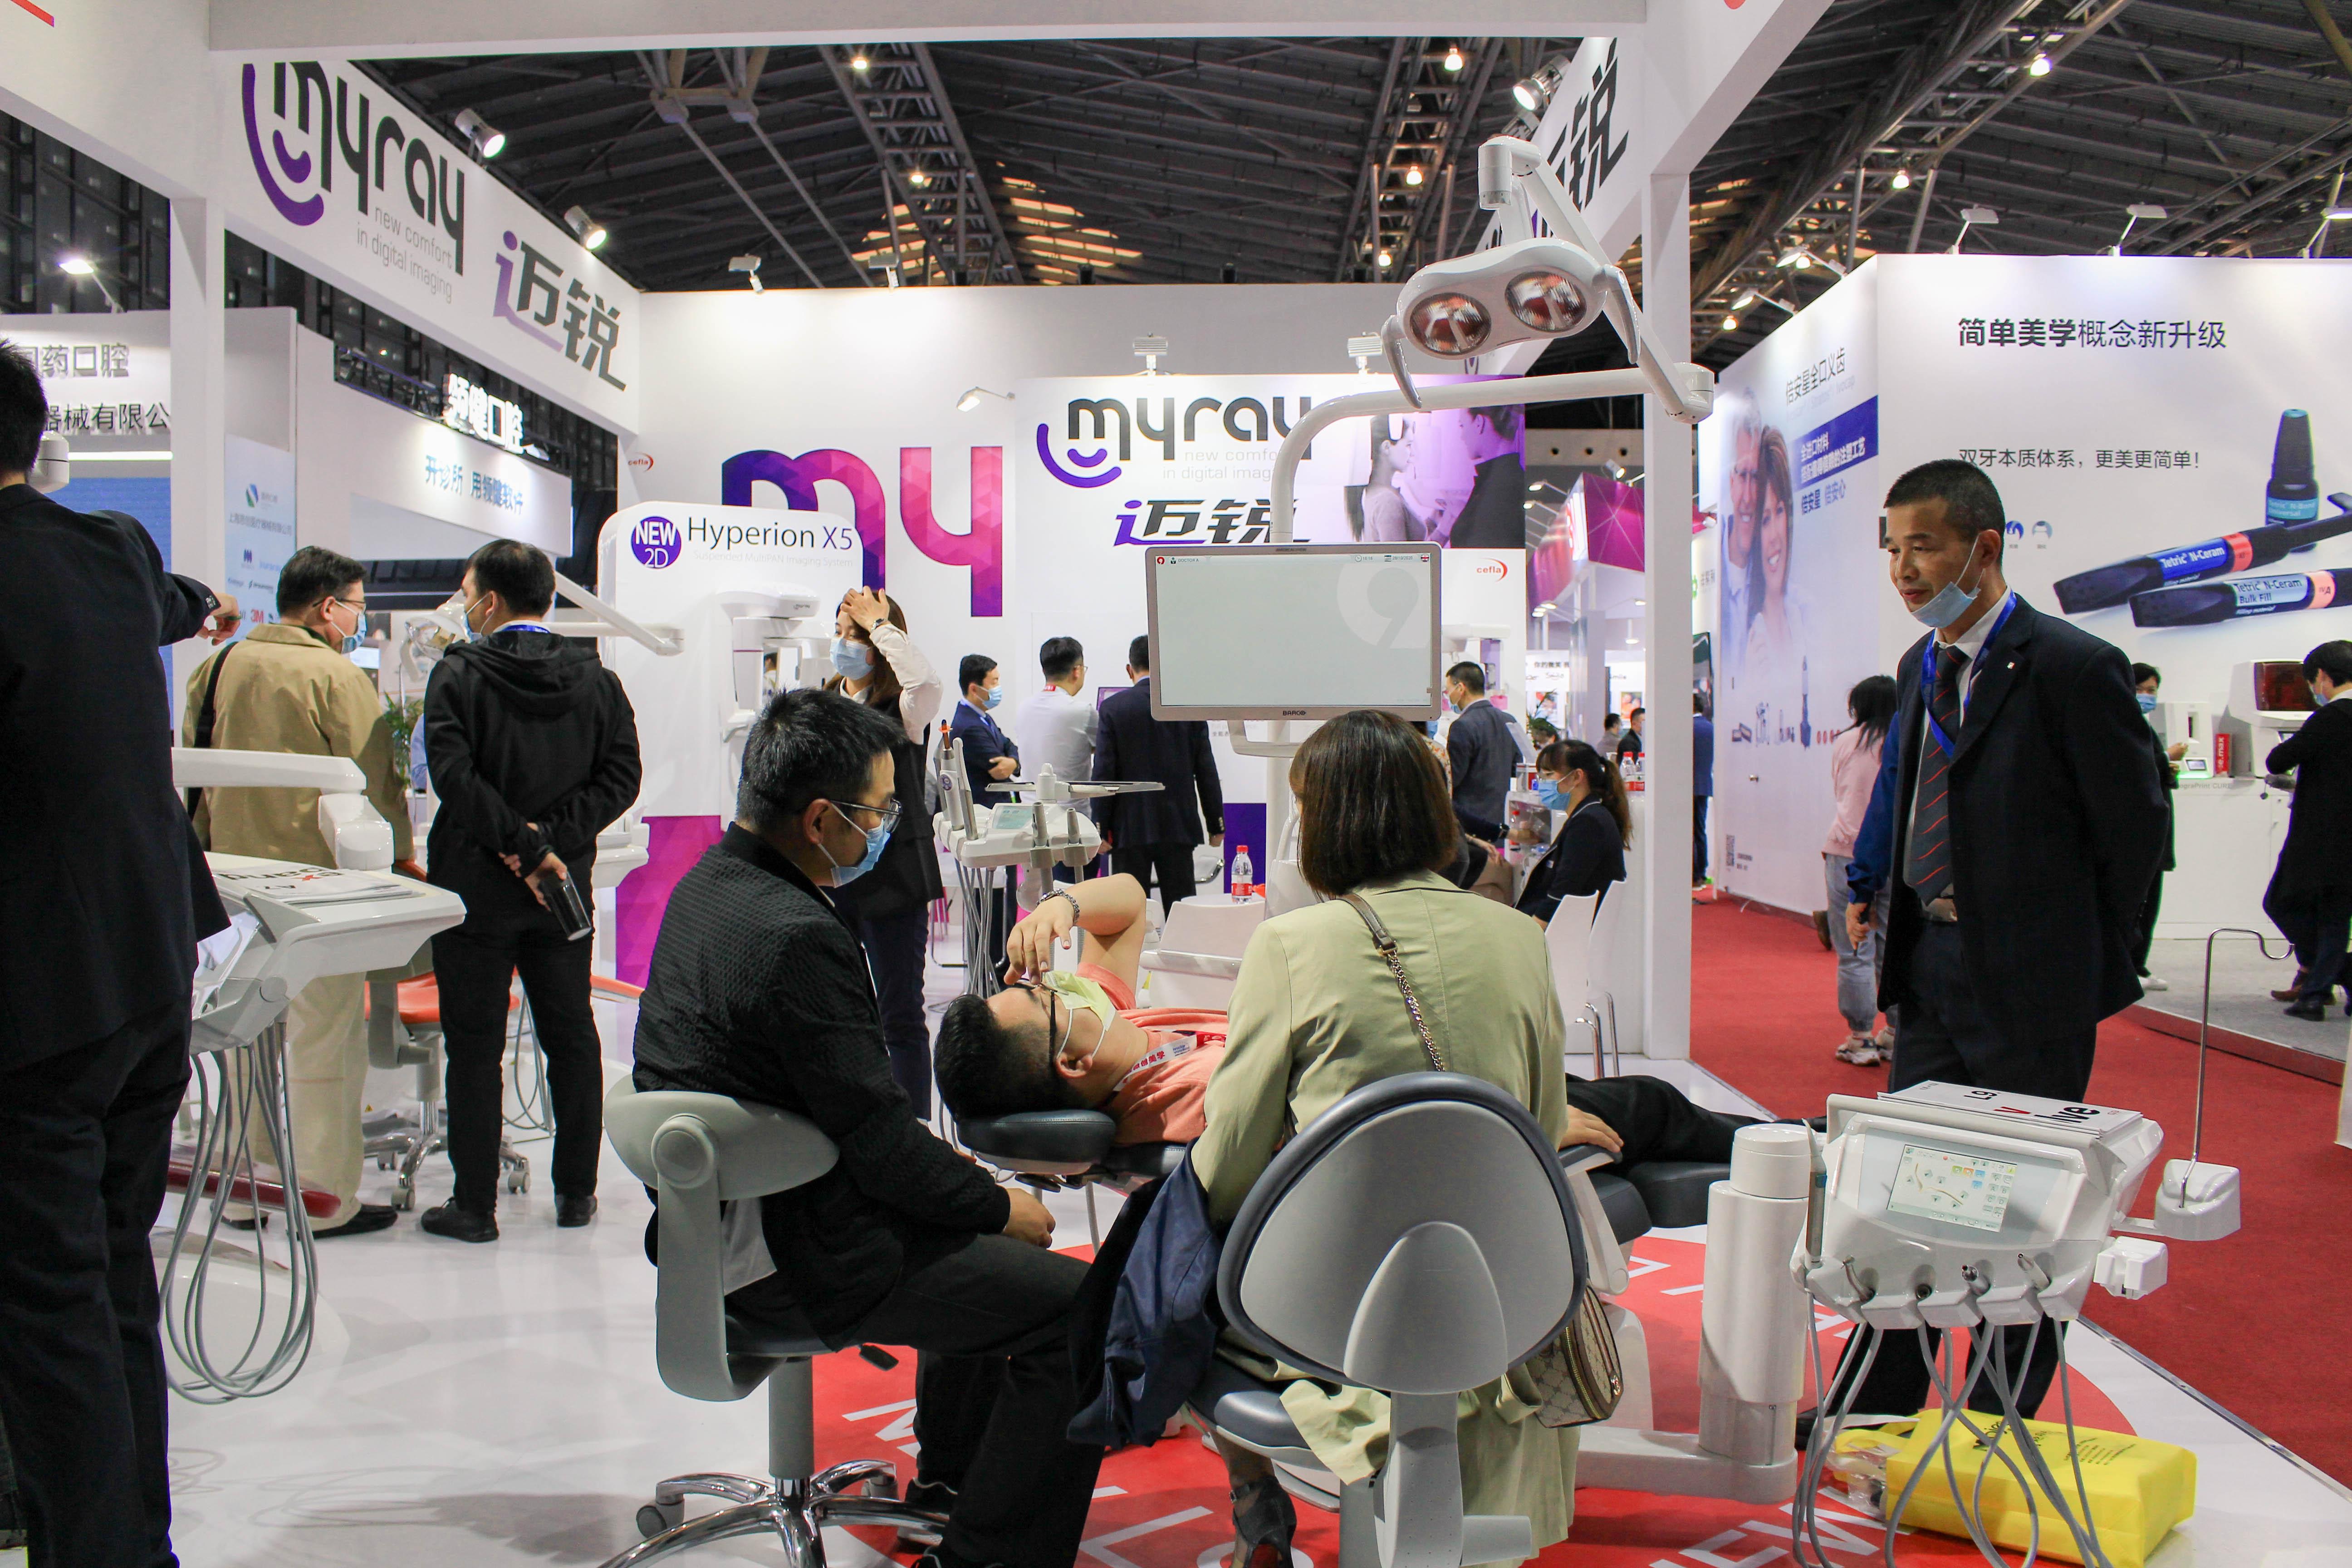 【天鹰医疗】DenTech China 2020 第24届中国国际口腔器材展览会暨学术研讨会圆满结束